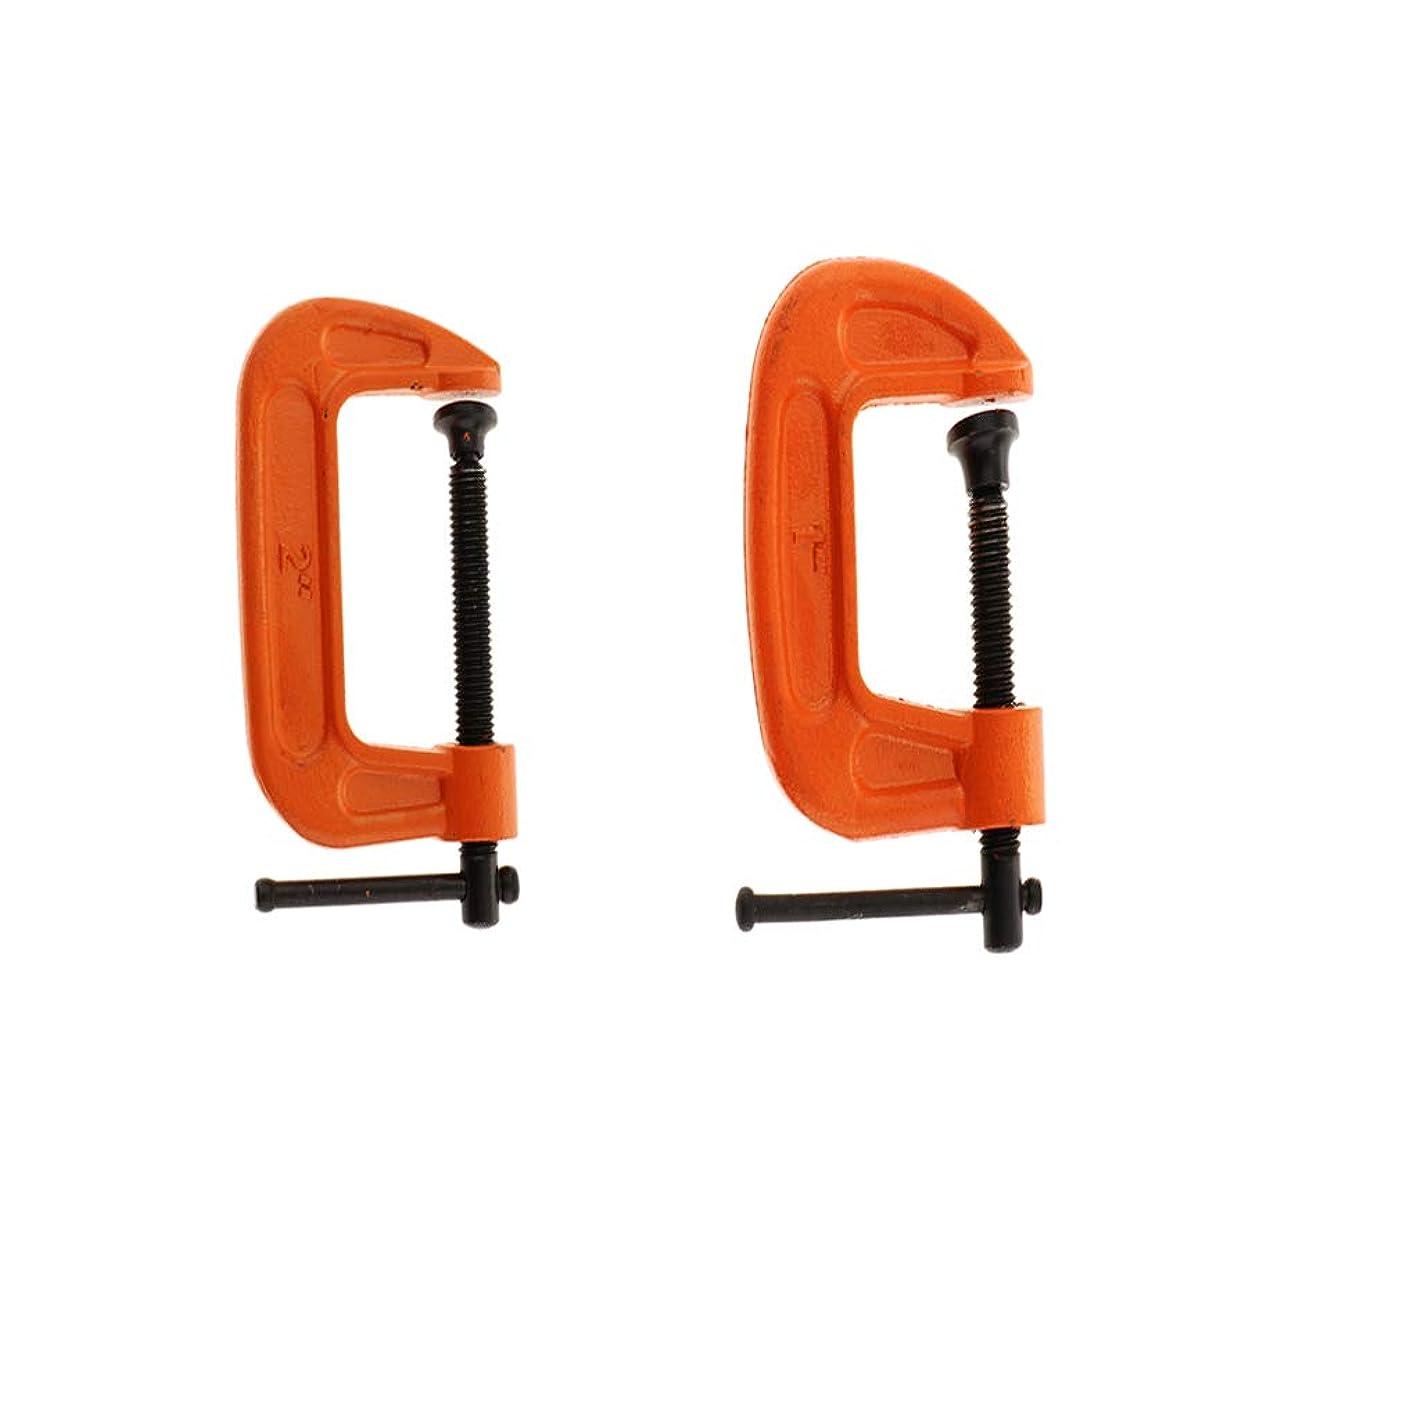 ドラムヘッジ副Cクランプ 深型 クランプ 調節可能ツール 2個(1インチ+2インチ)